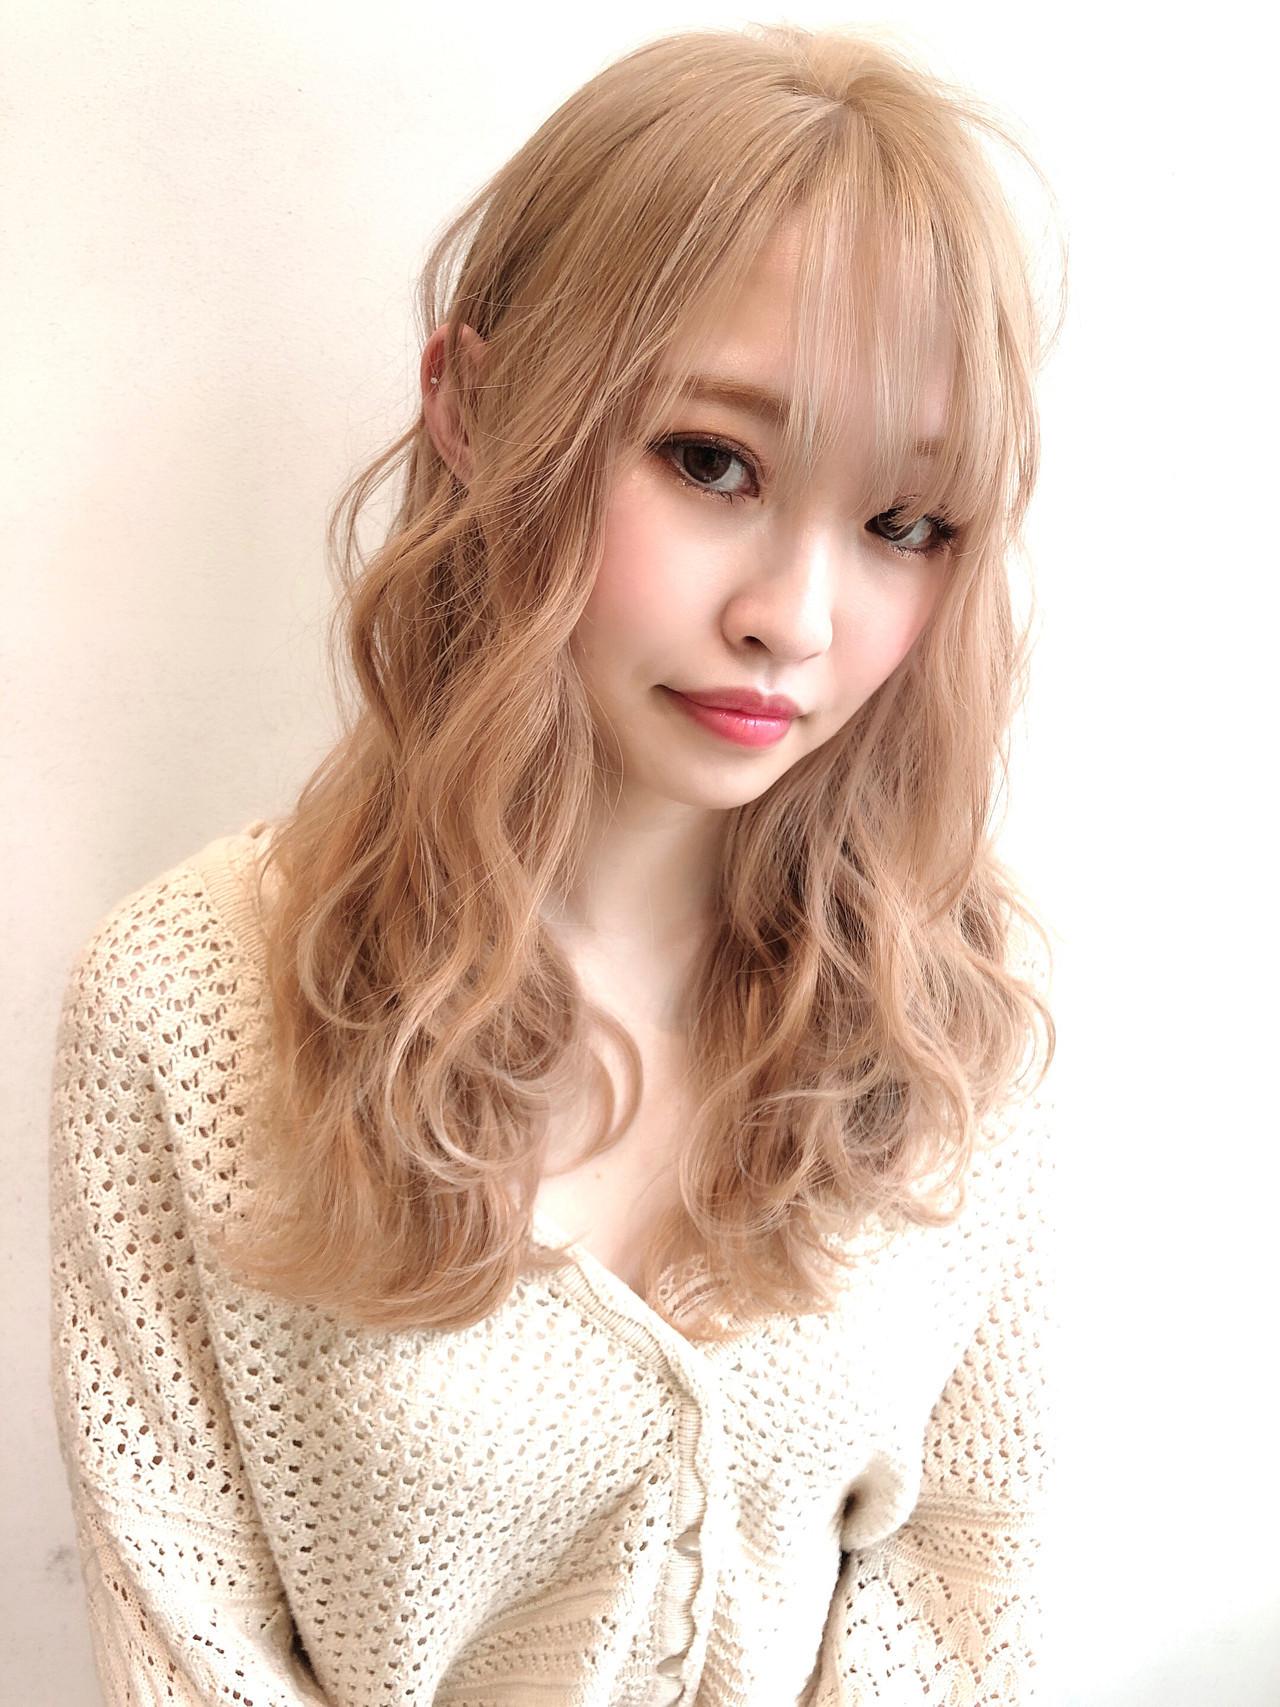 ロング ブリーチカラー ブロンドカラー ハイトーンカラー ヘアスタイルや髪型の写真・画像